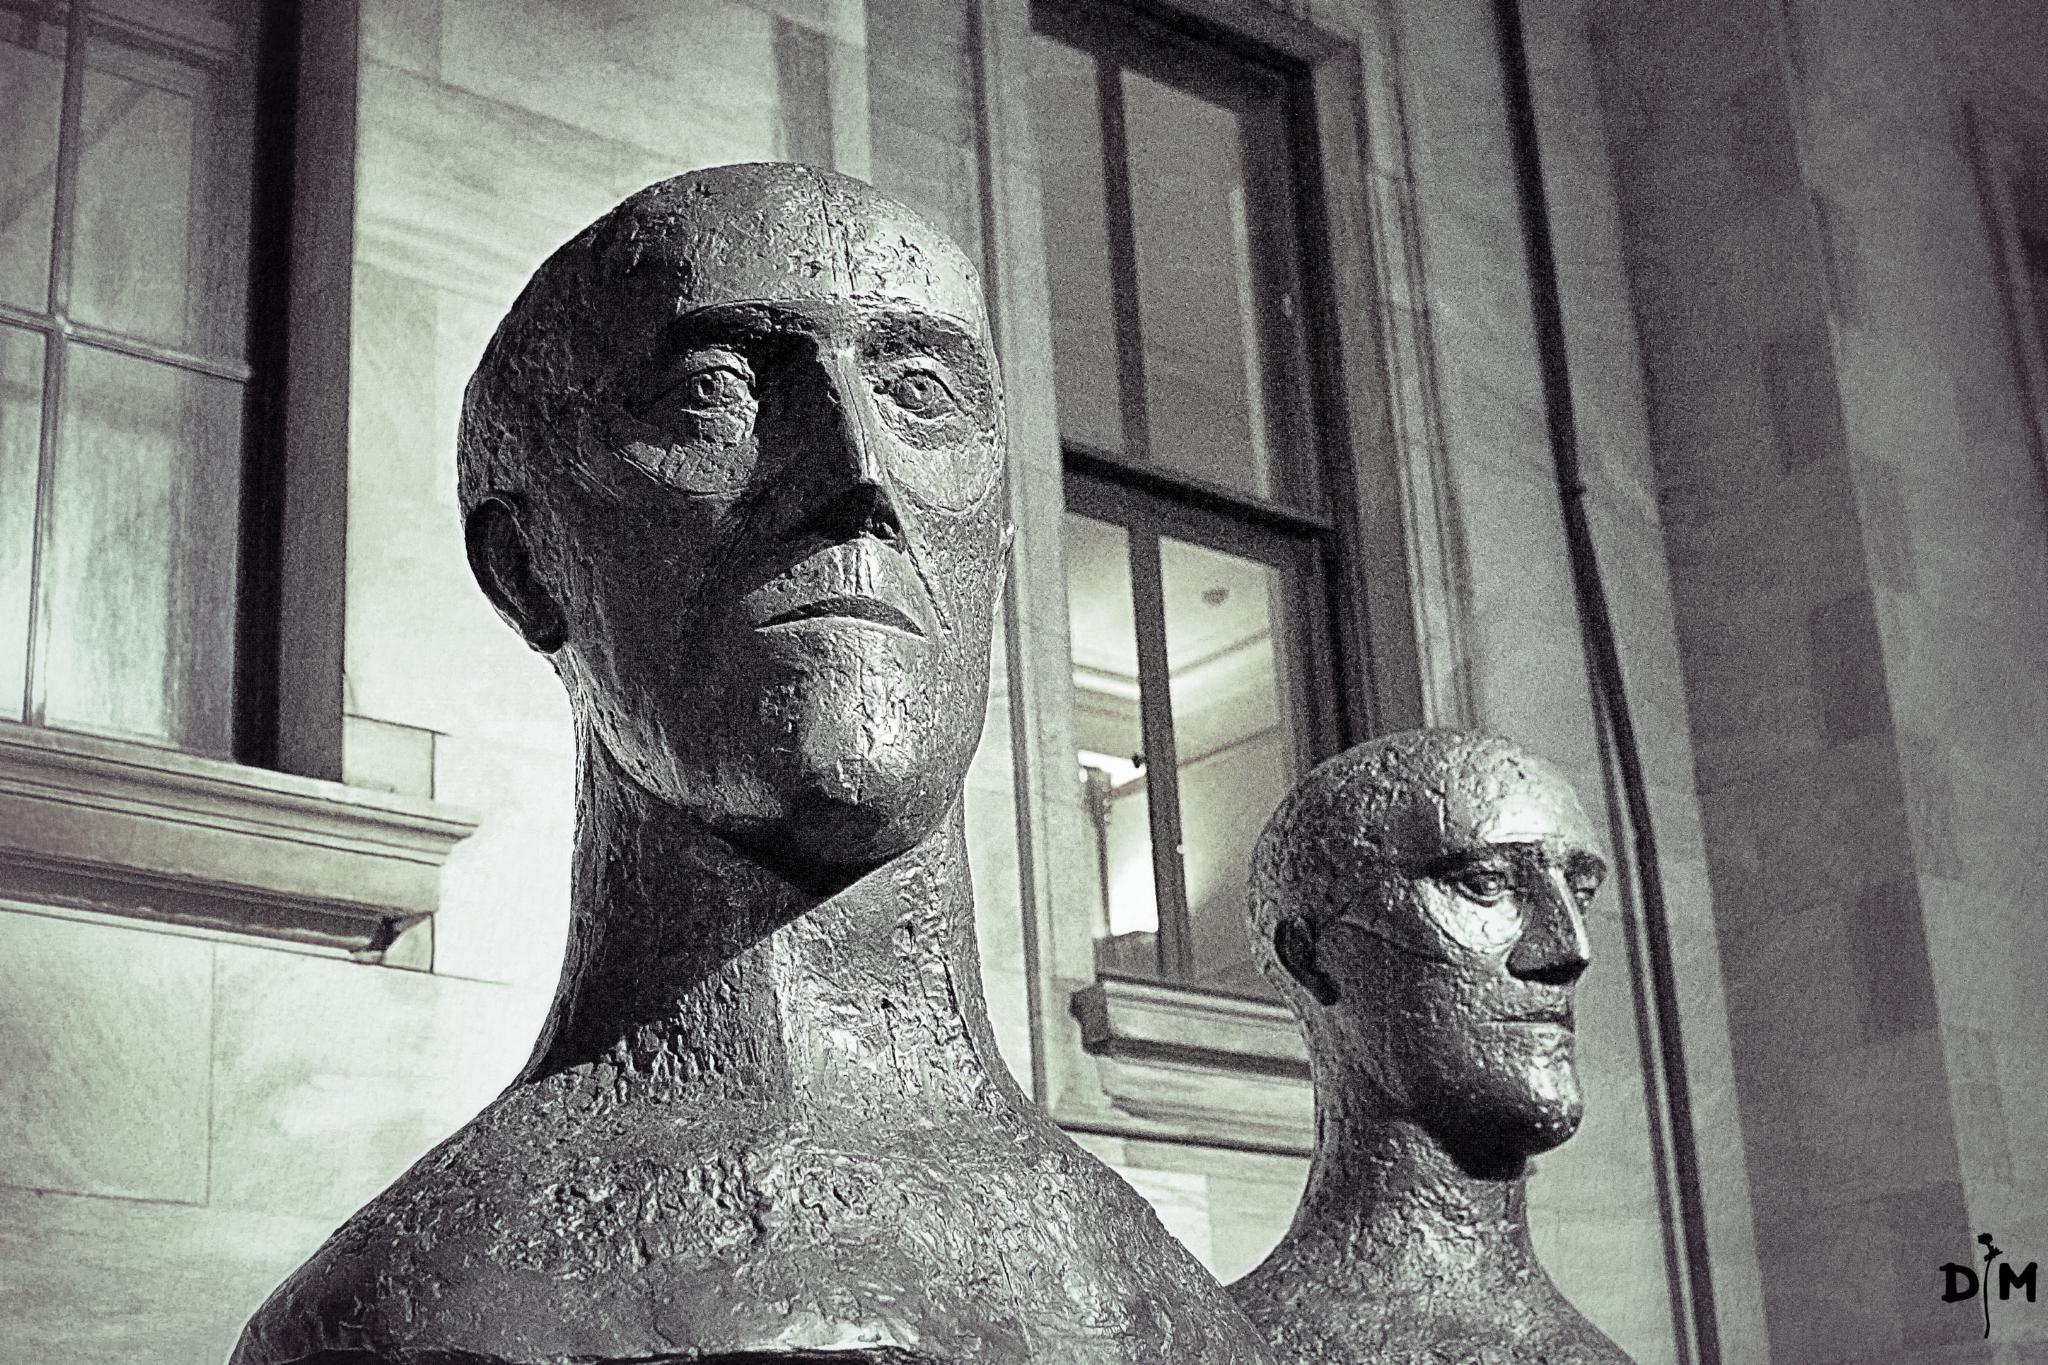 Philosophers by D M